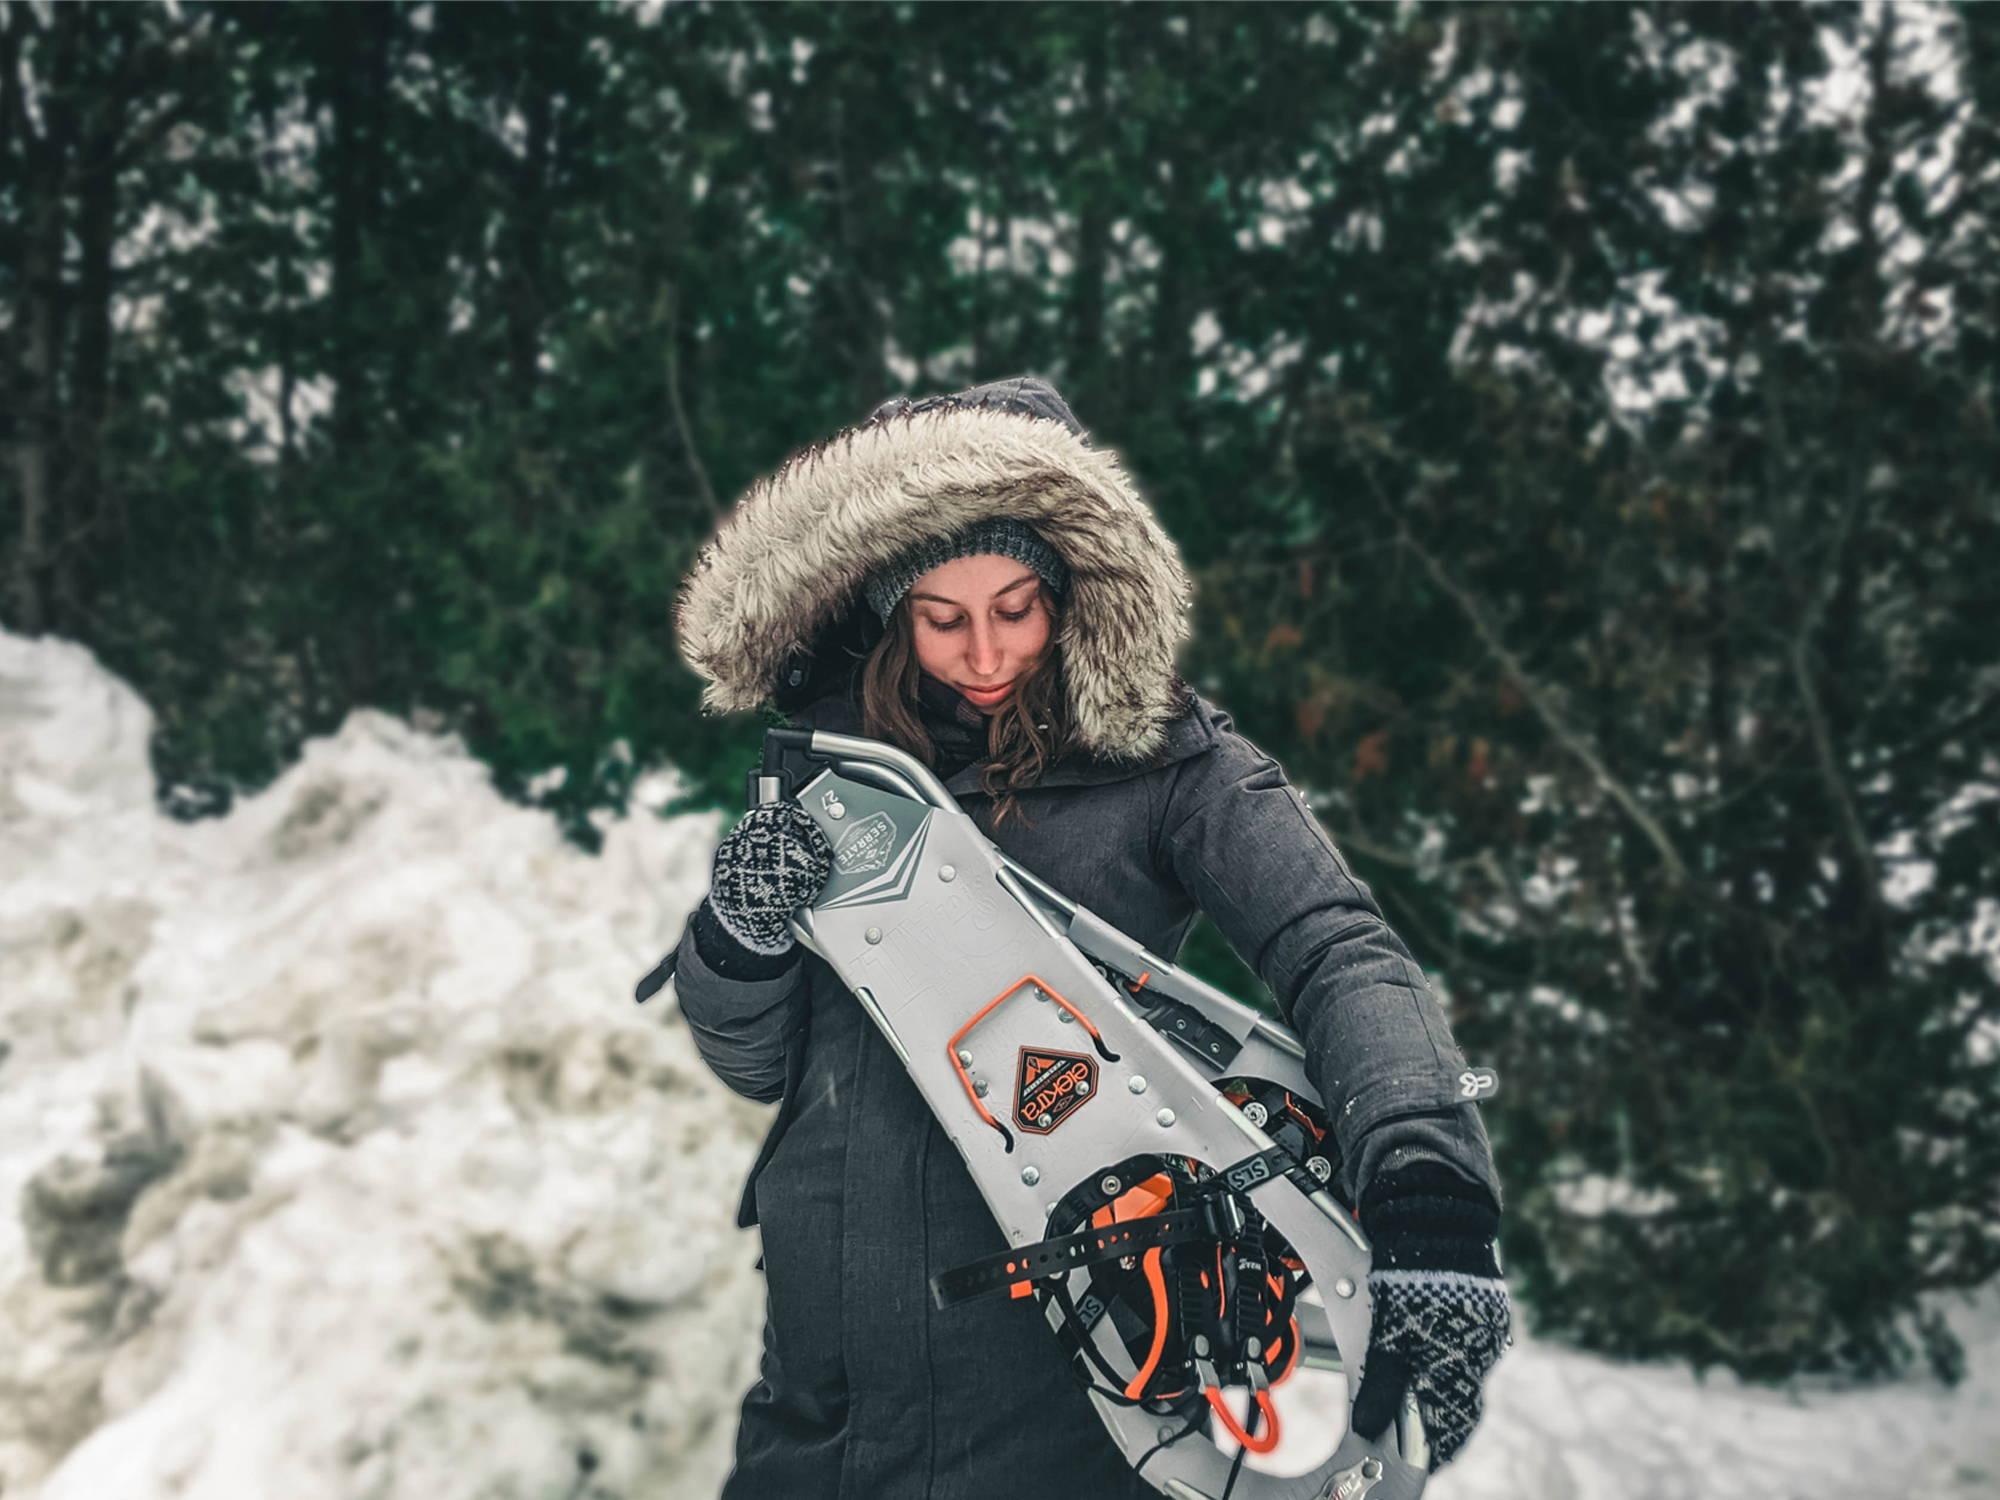 Randonner en hiver, faire de la raquette et dormir dehors en camping.